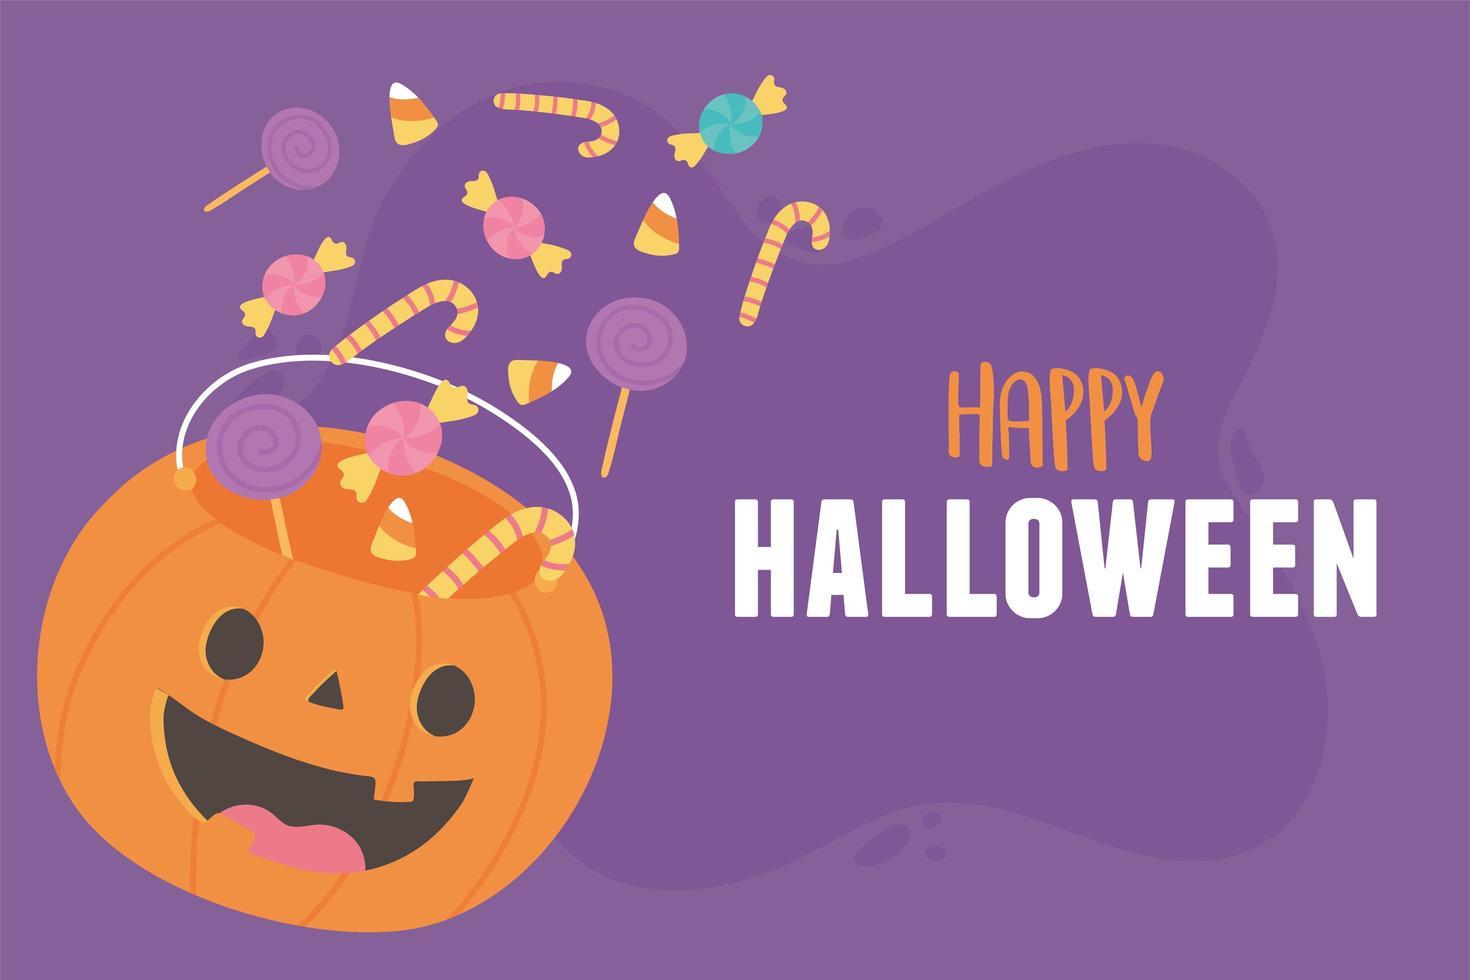 happy halloween pompoen vormige emmer met veel snoepjes vector